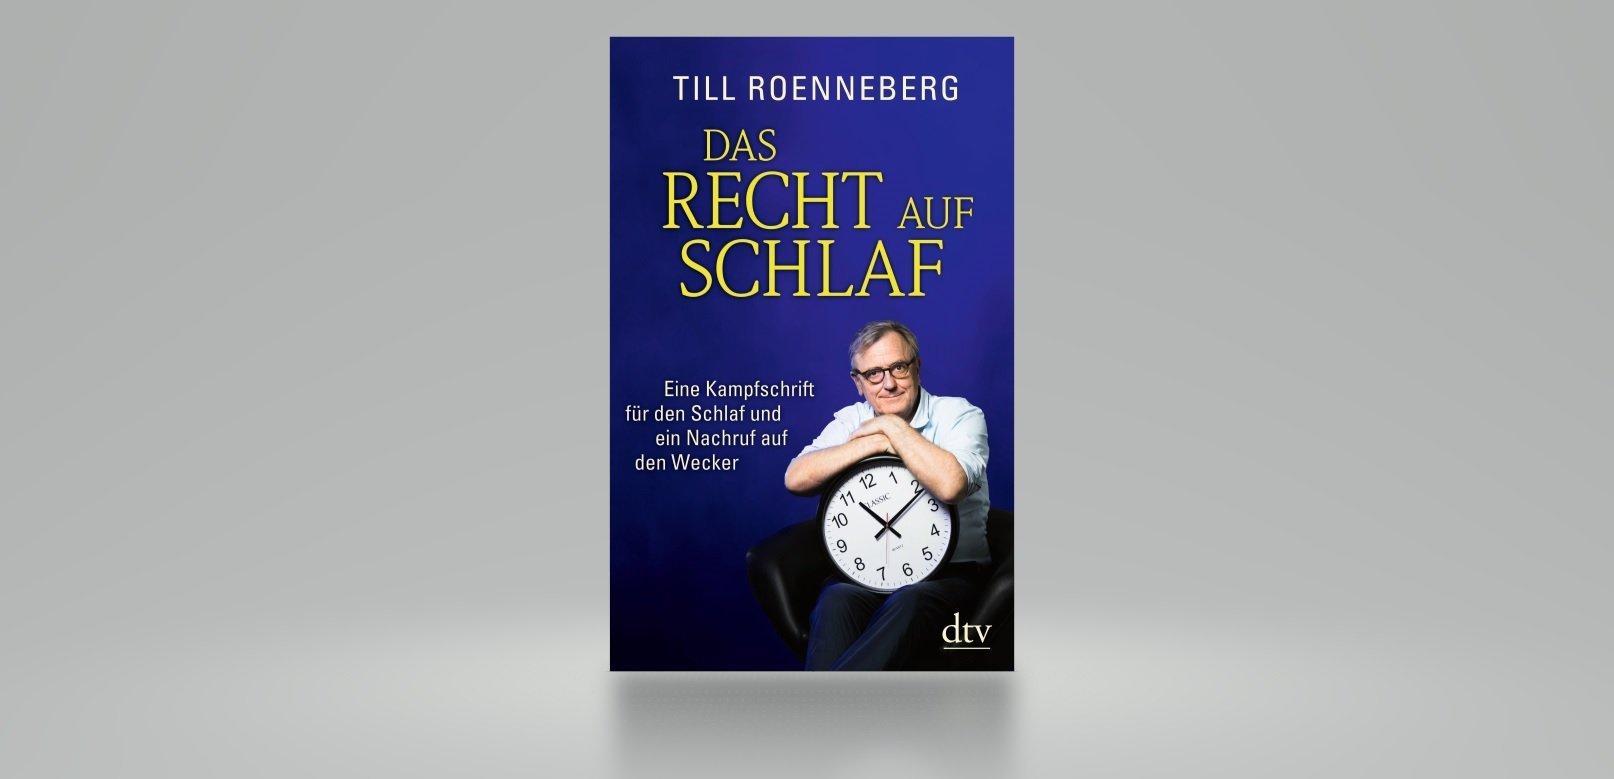 """Buchcover """"Das Recht auf Schlaf. Eine Kampfschrift für den Schlaf und ein Nachruf auf den Wecker."""" dtv München 2019."""